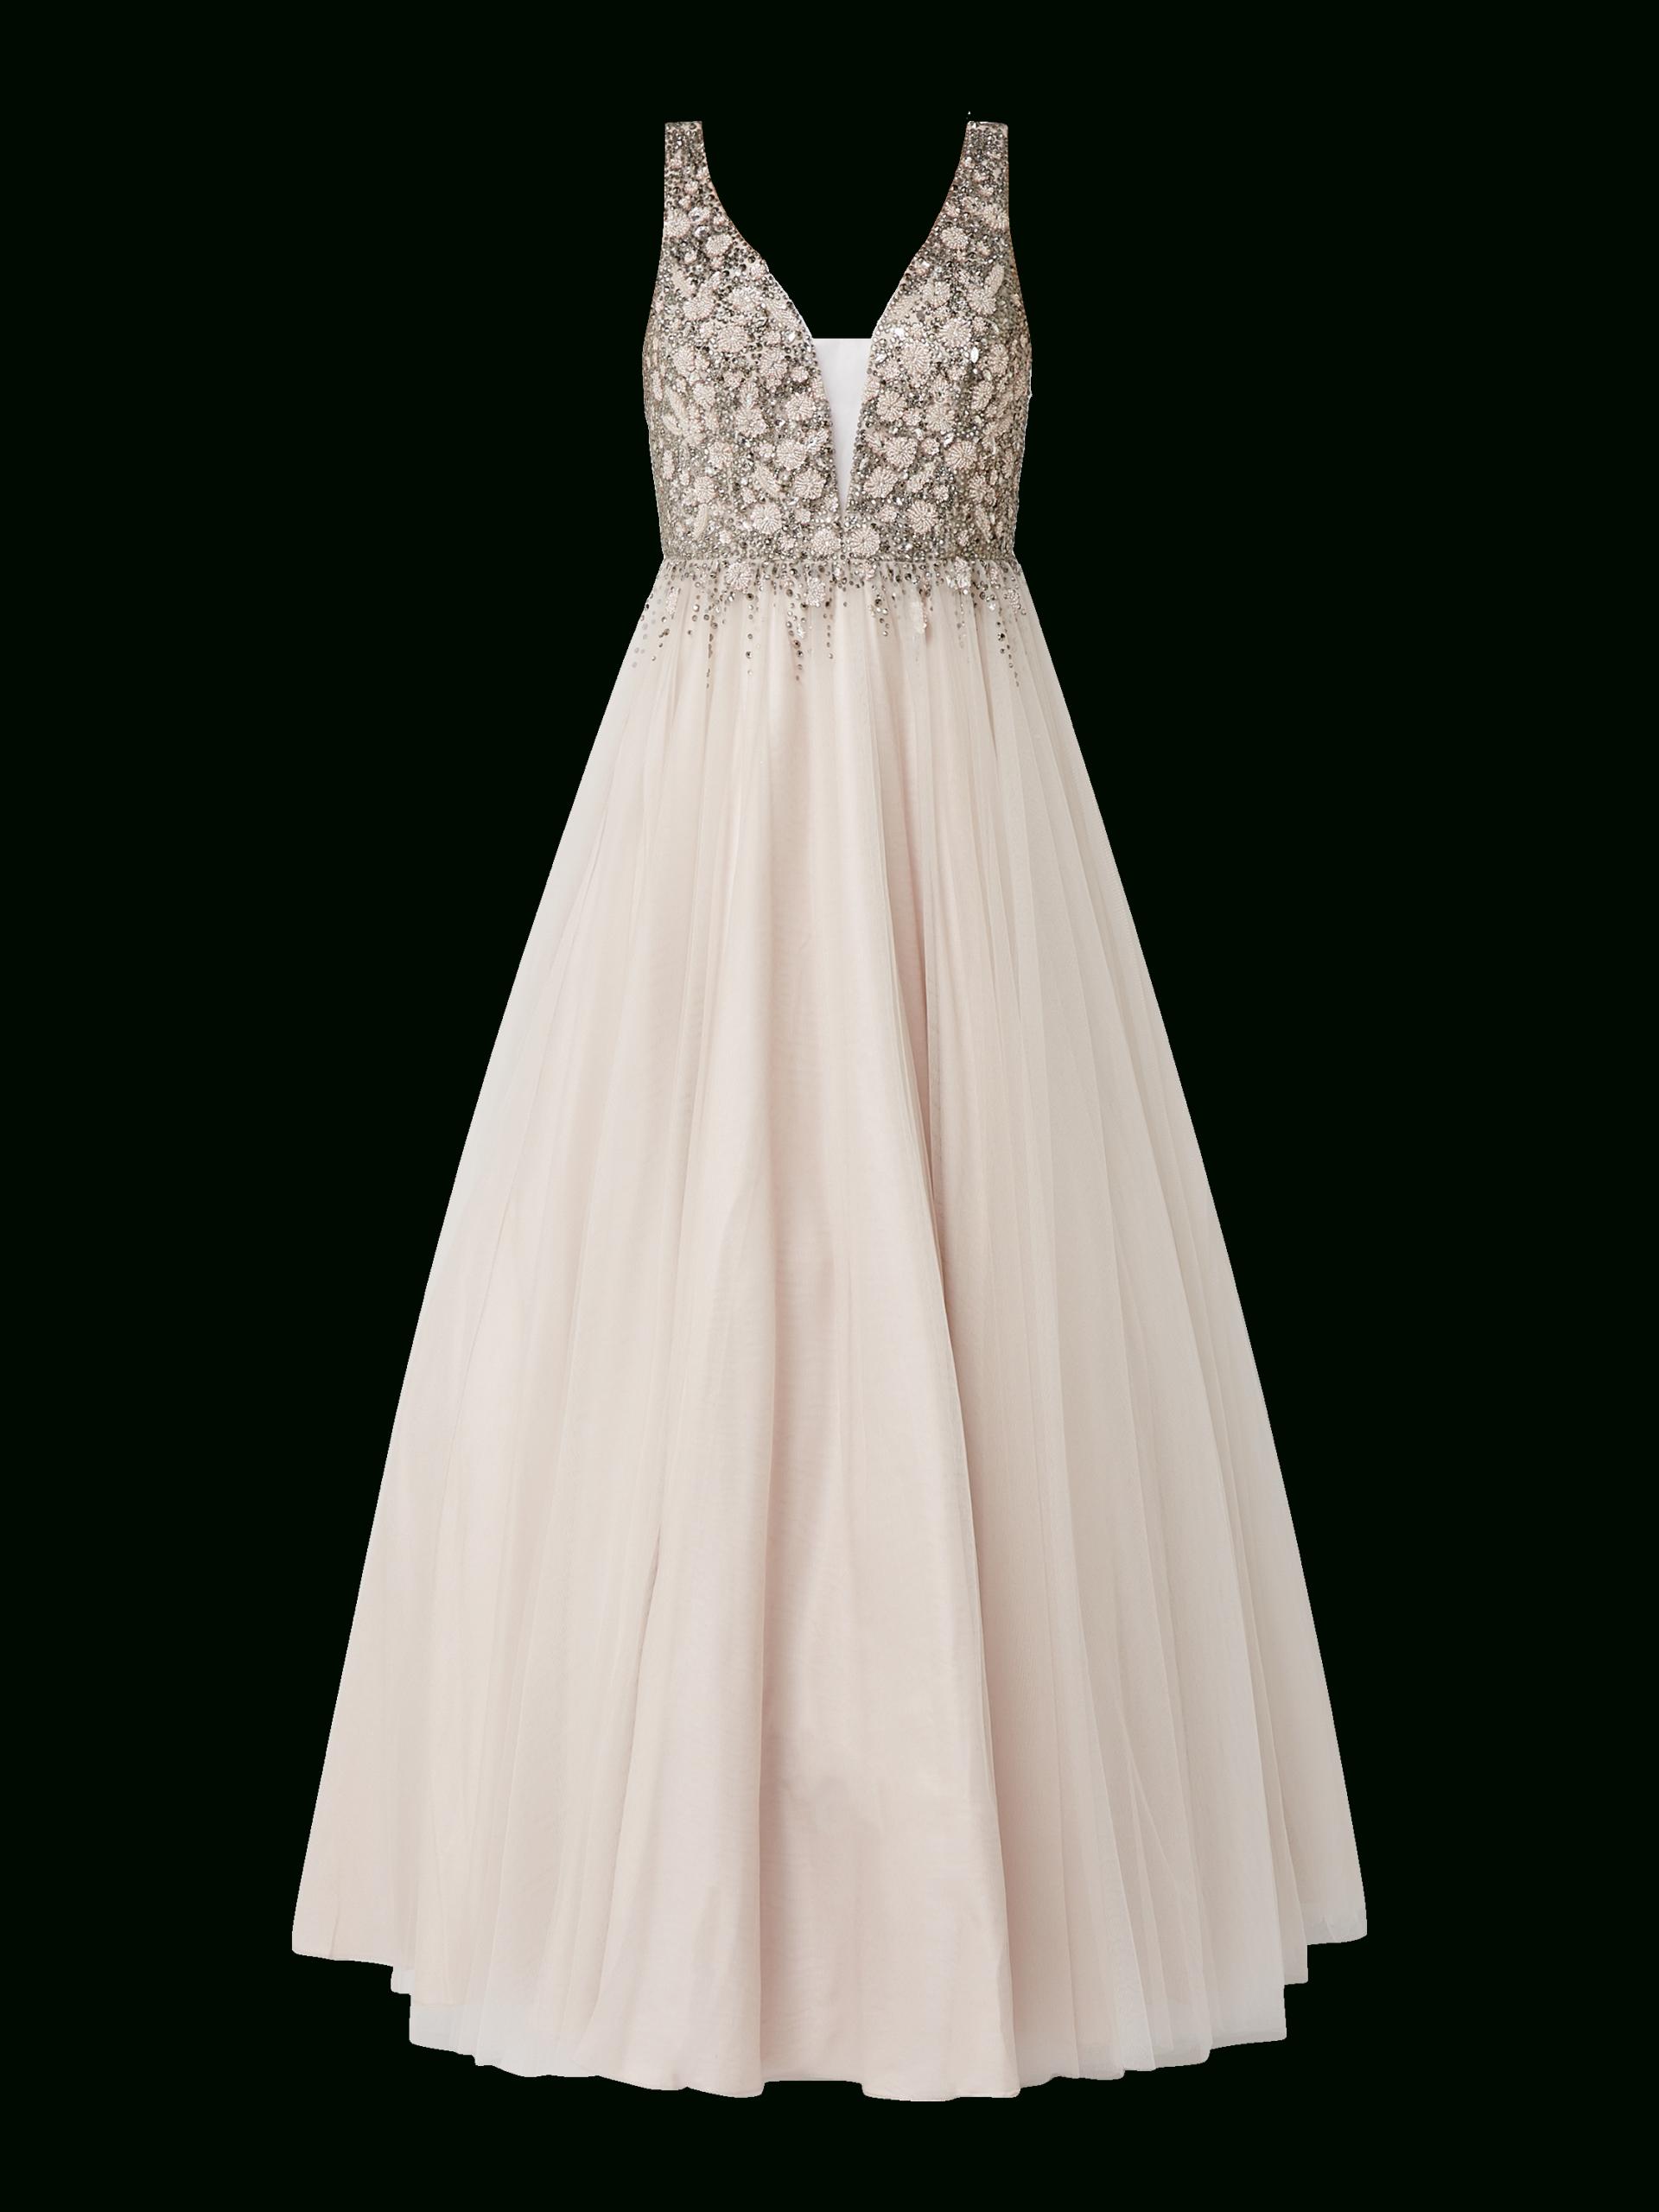 Designer Erstaunlich Konfirmationskleider Weiß für 201920 Erstaunlich Konfirmationskleider Weiß für 2019